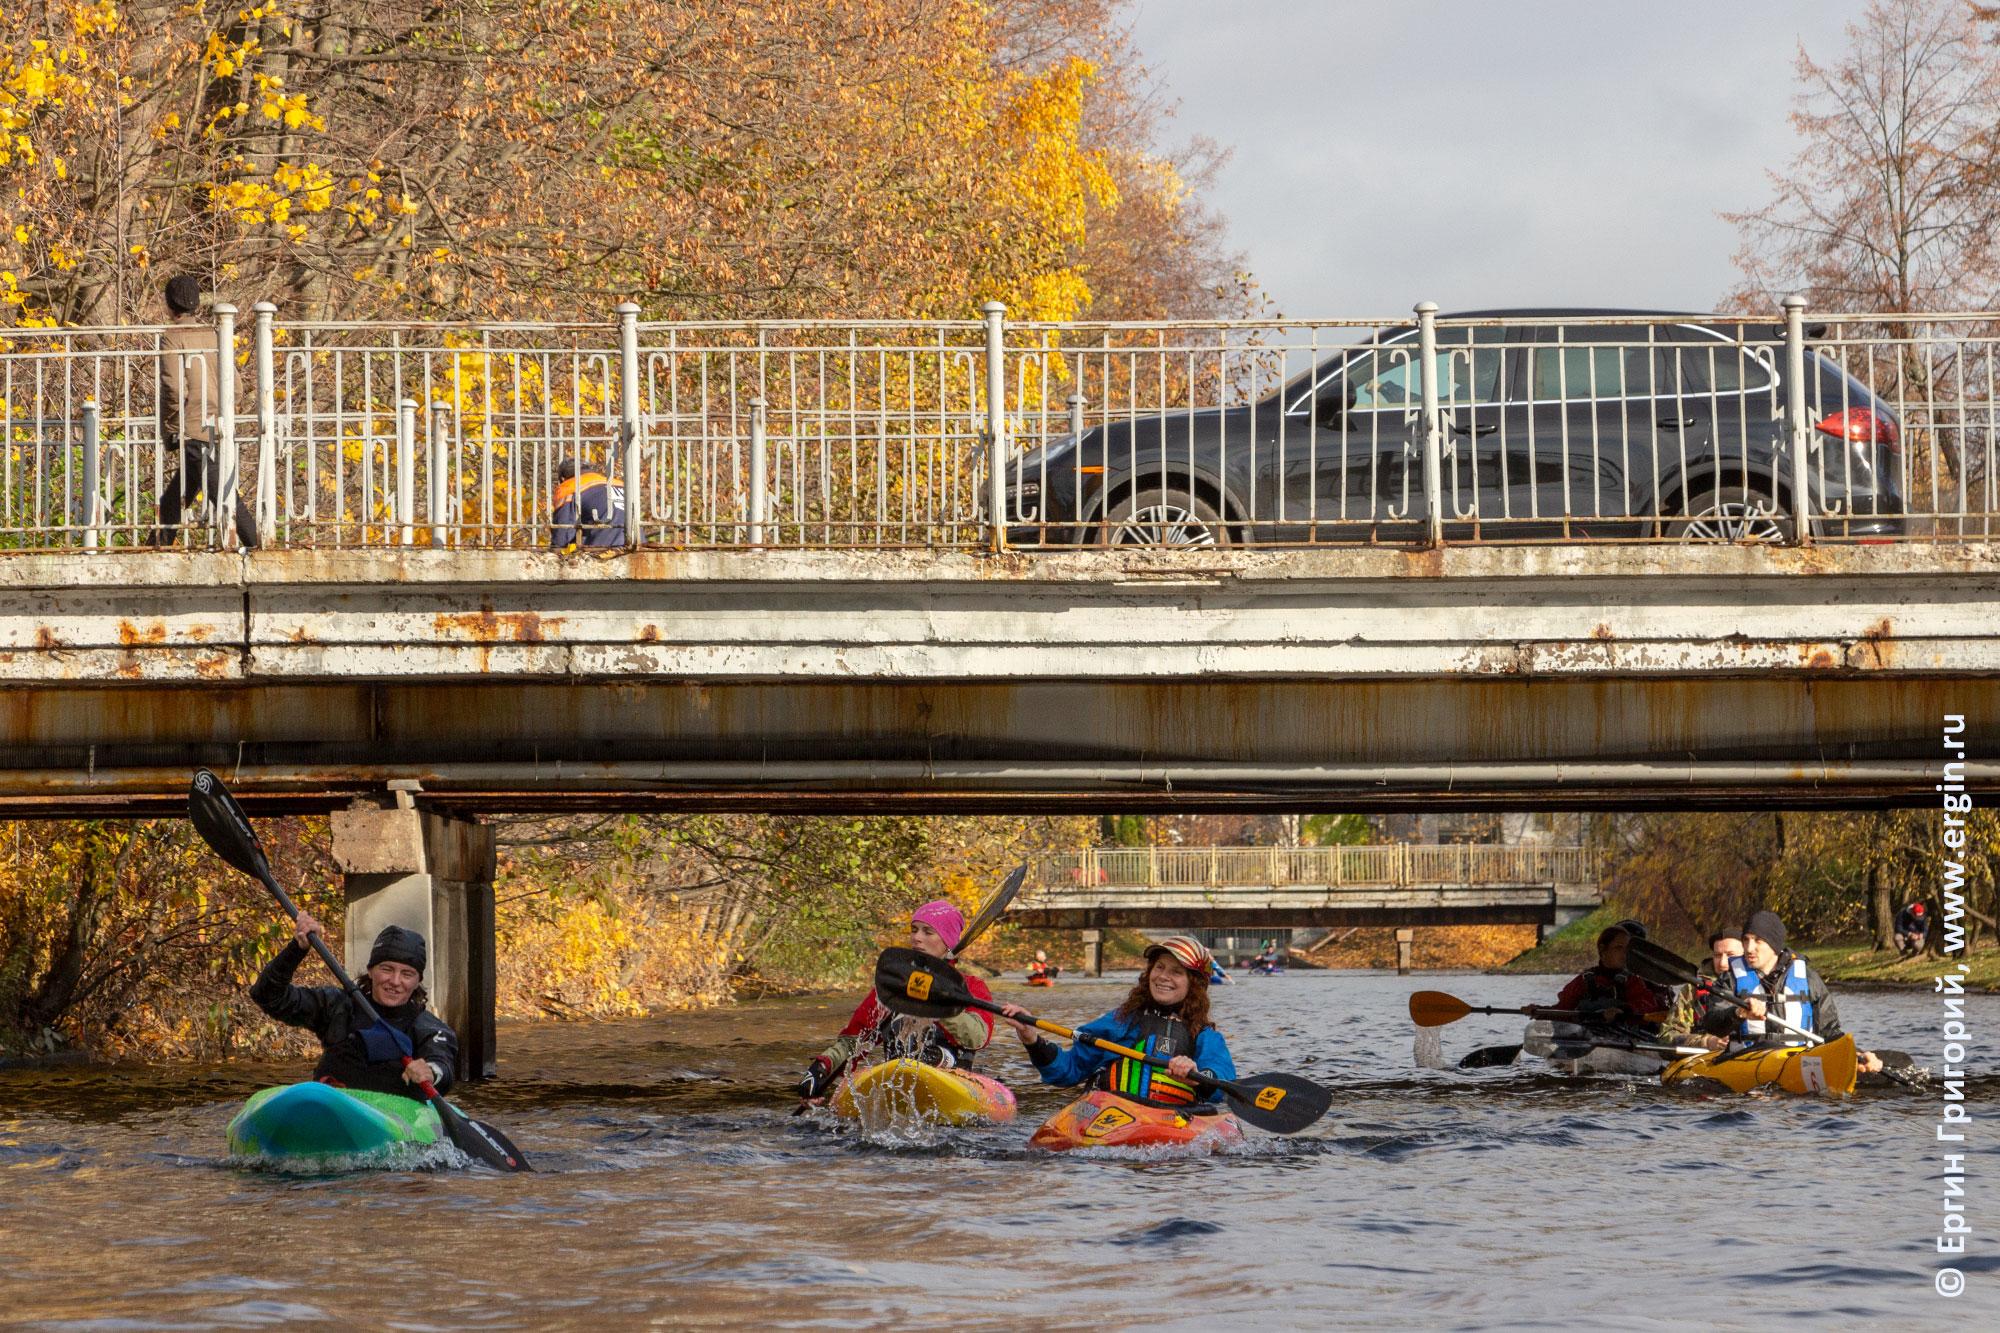 Под мостом на каяках осень в Санкт-Петербурге